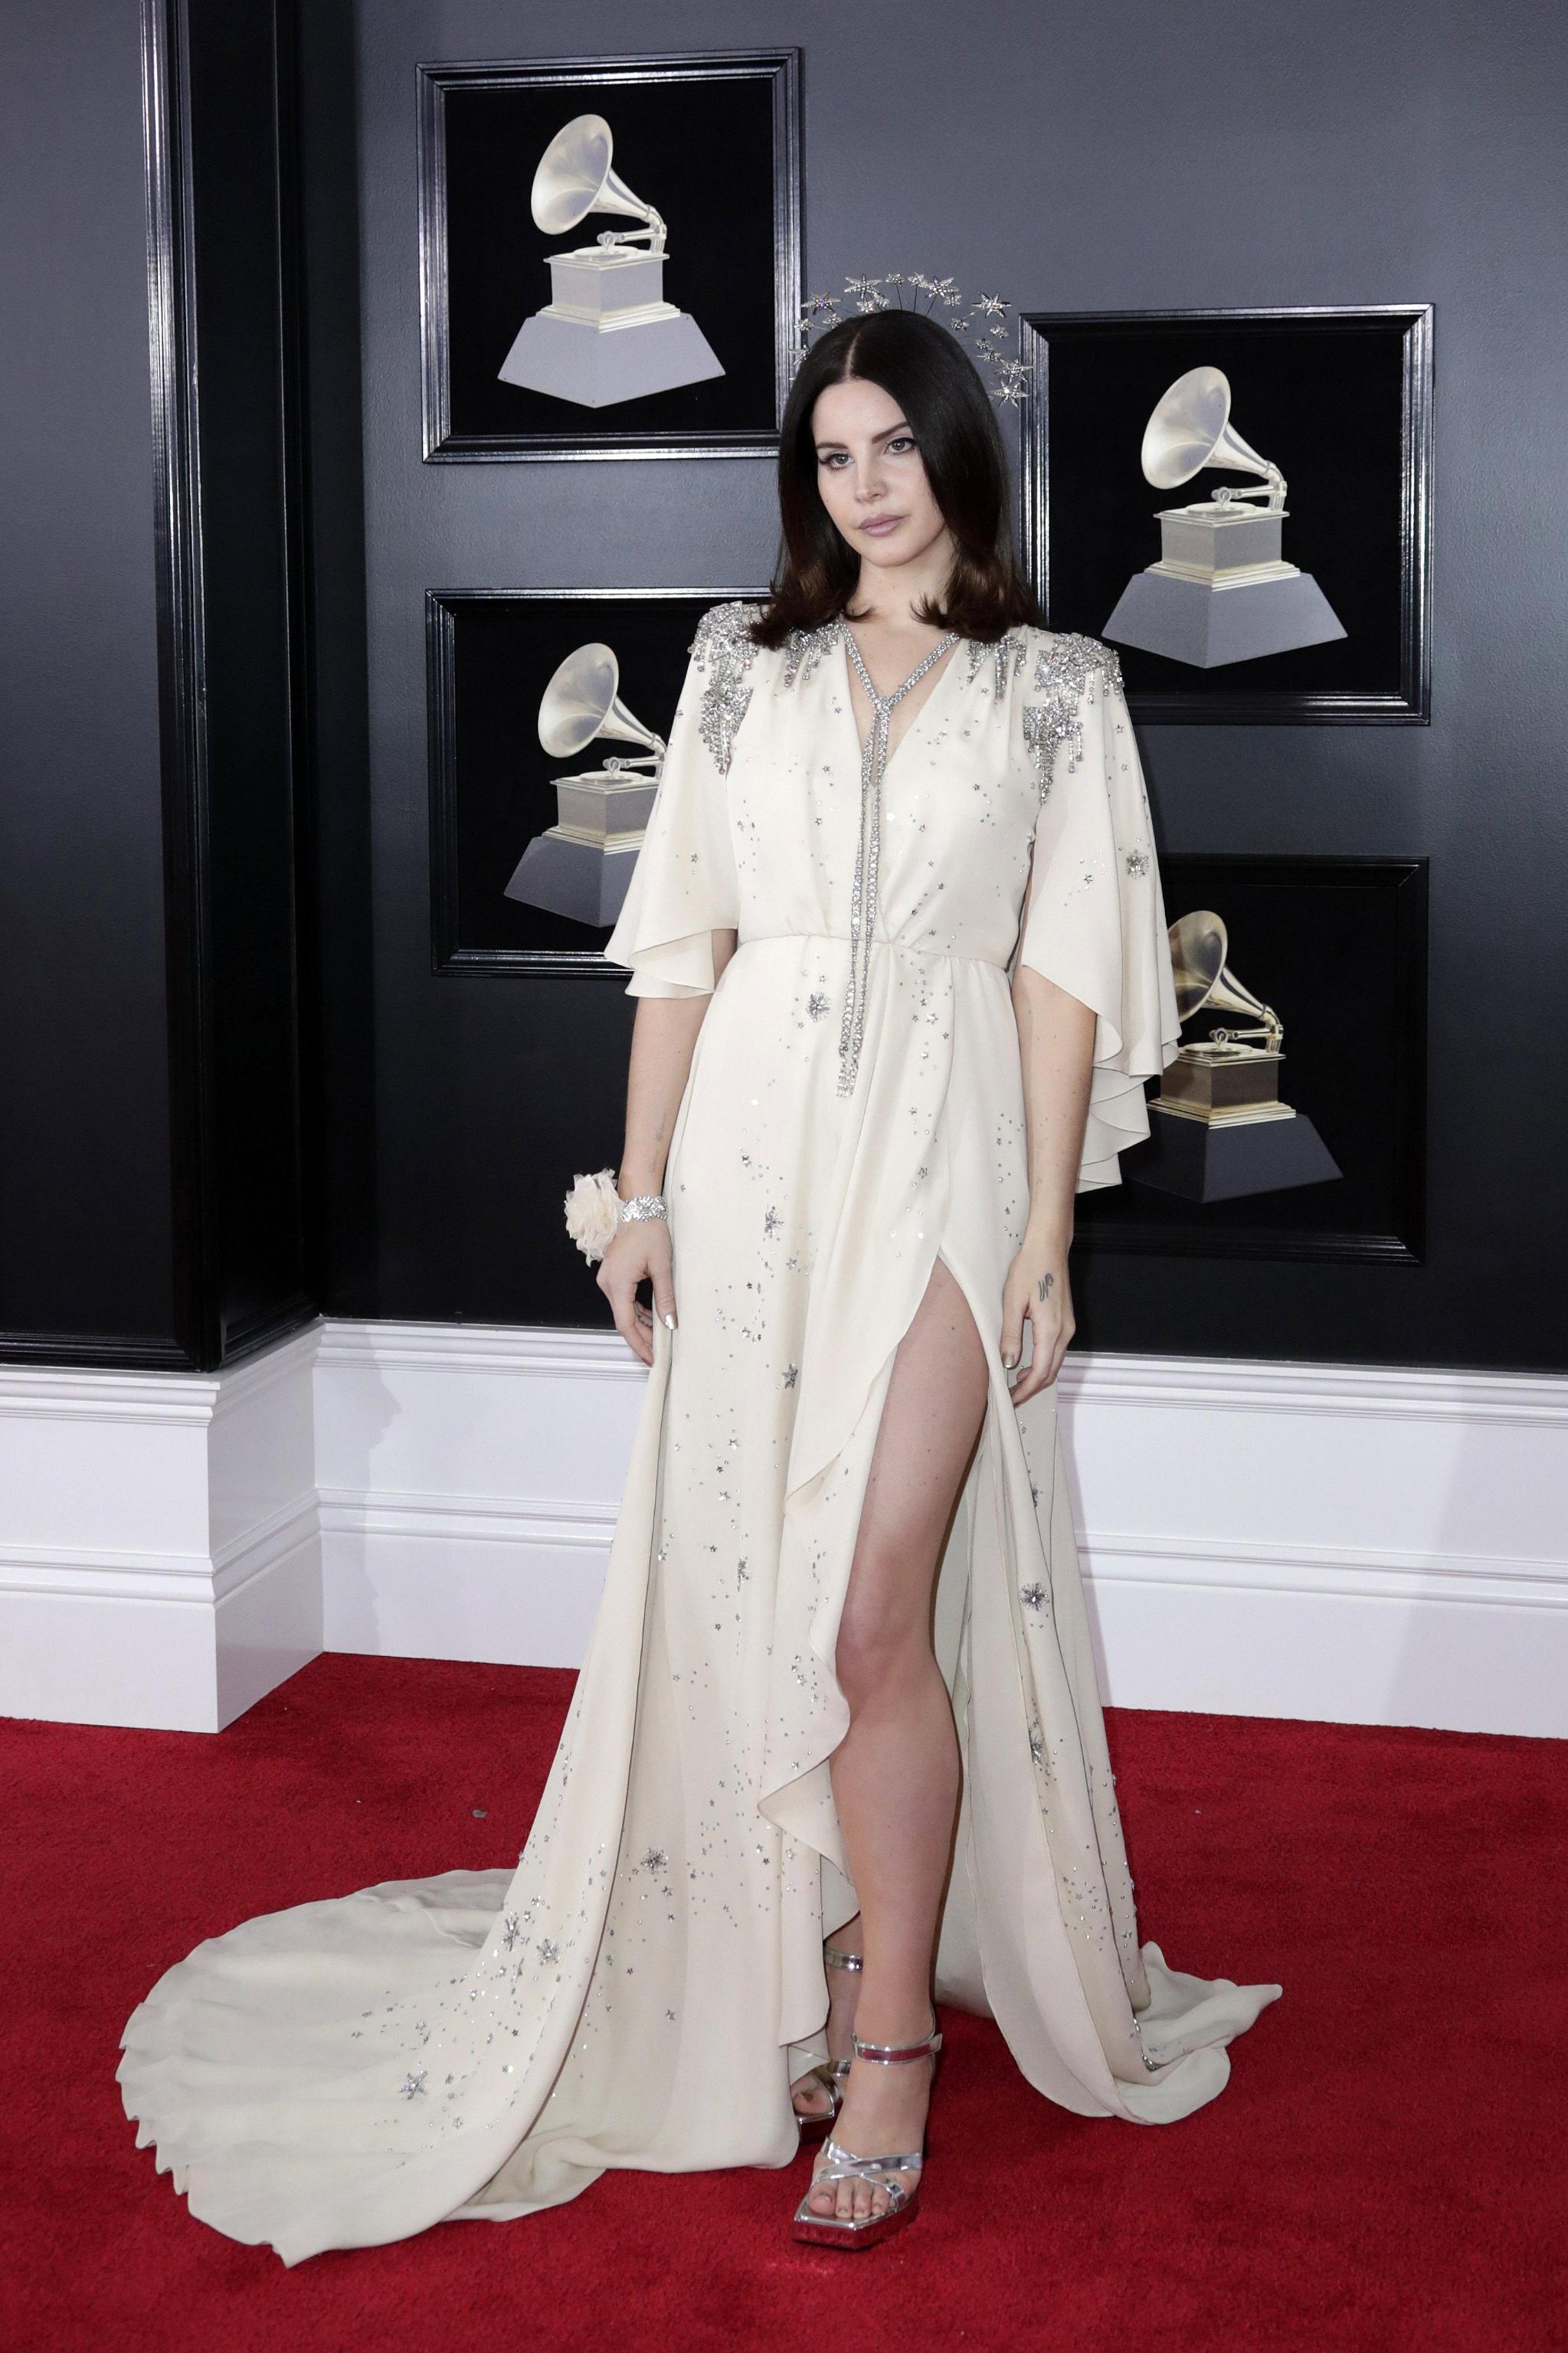 Lana Del Rey con abito Gucci ai Grammy Awards 2018